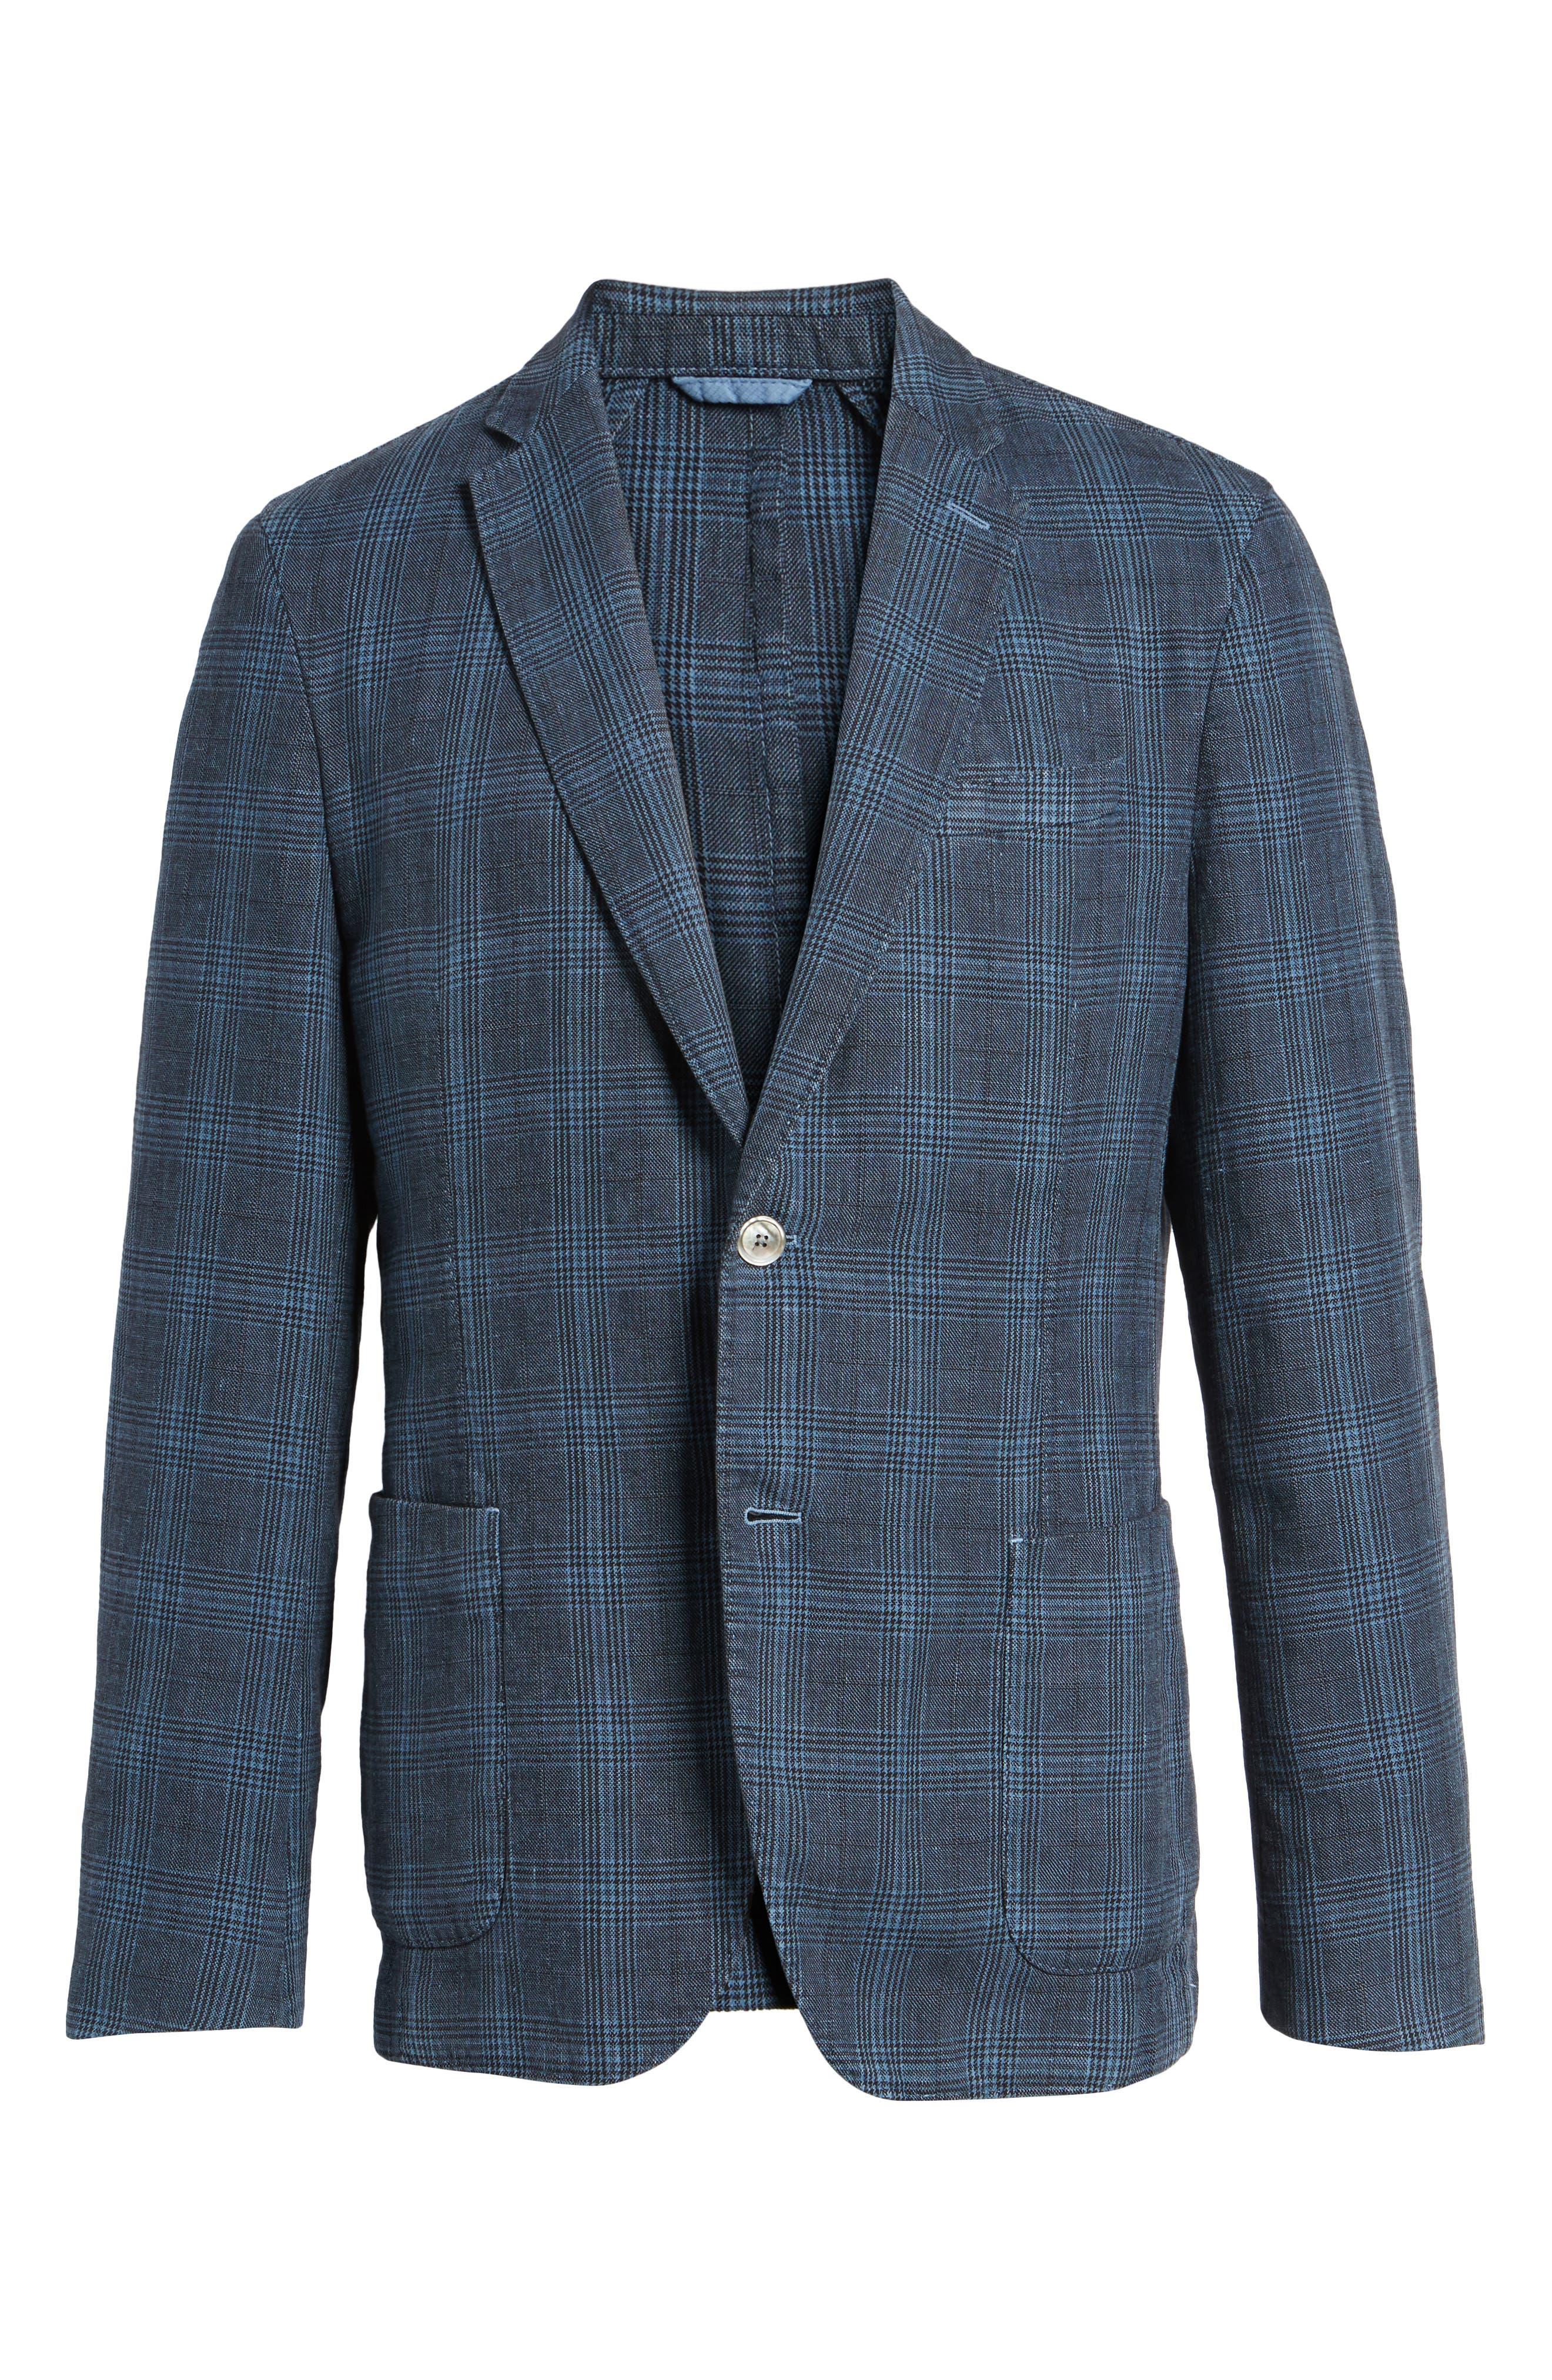 Hanry-D Trim Fit Plaid Linen & Cotton Sport Coat,                             Alternate thumbnail 5, color,                             BLUE